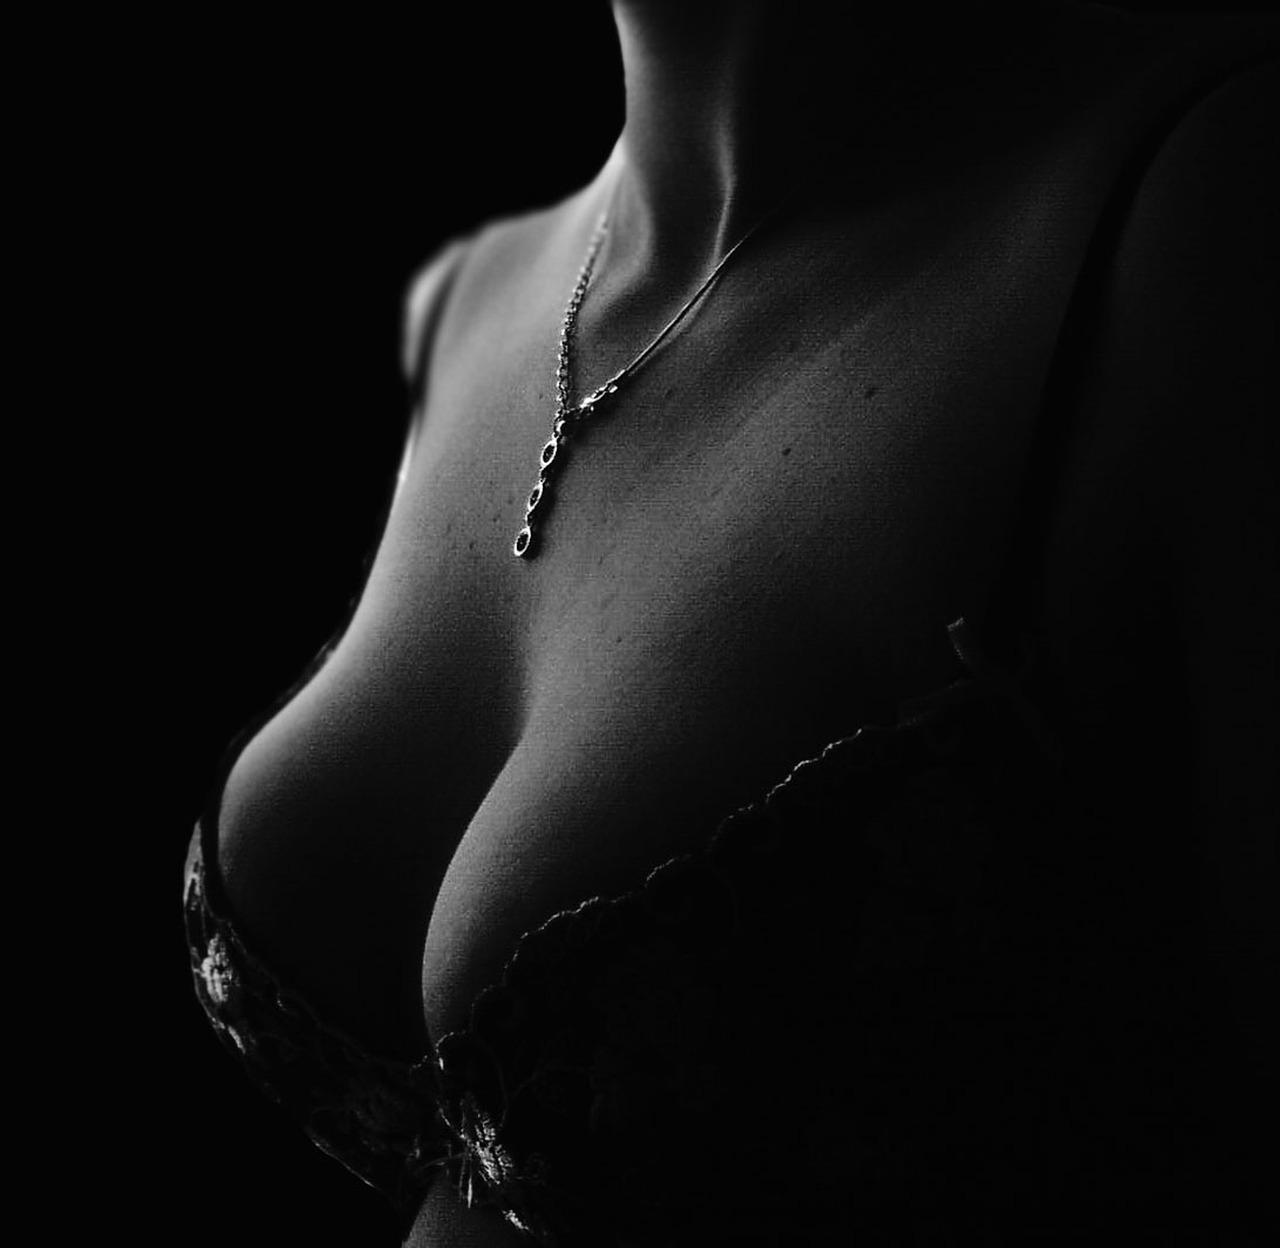 consigli per aumentare il seno di una taglia